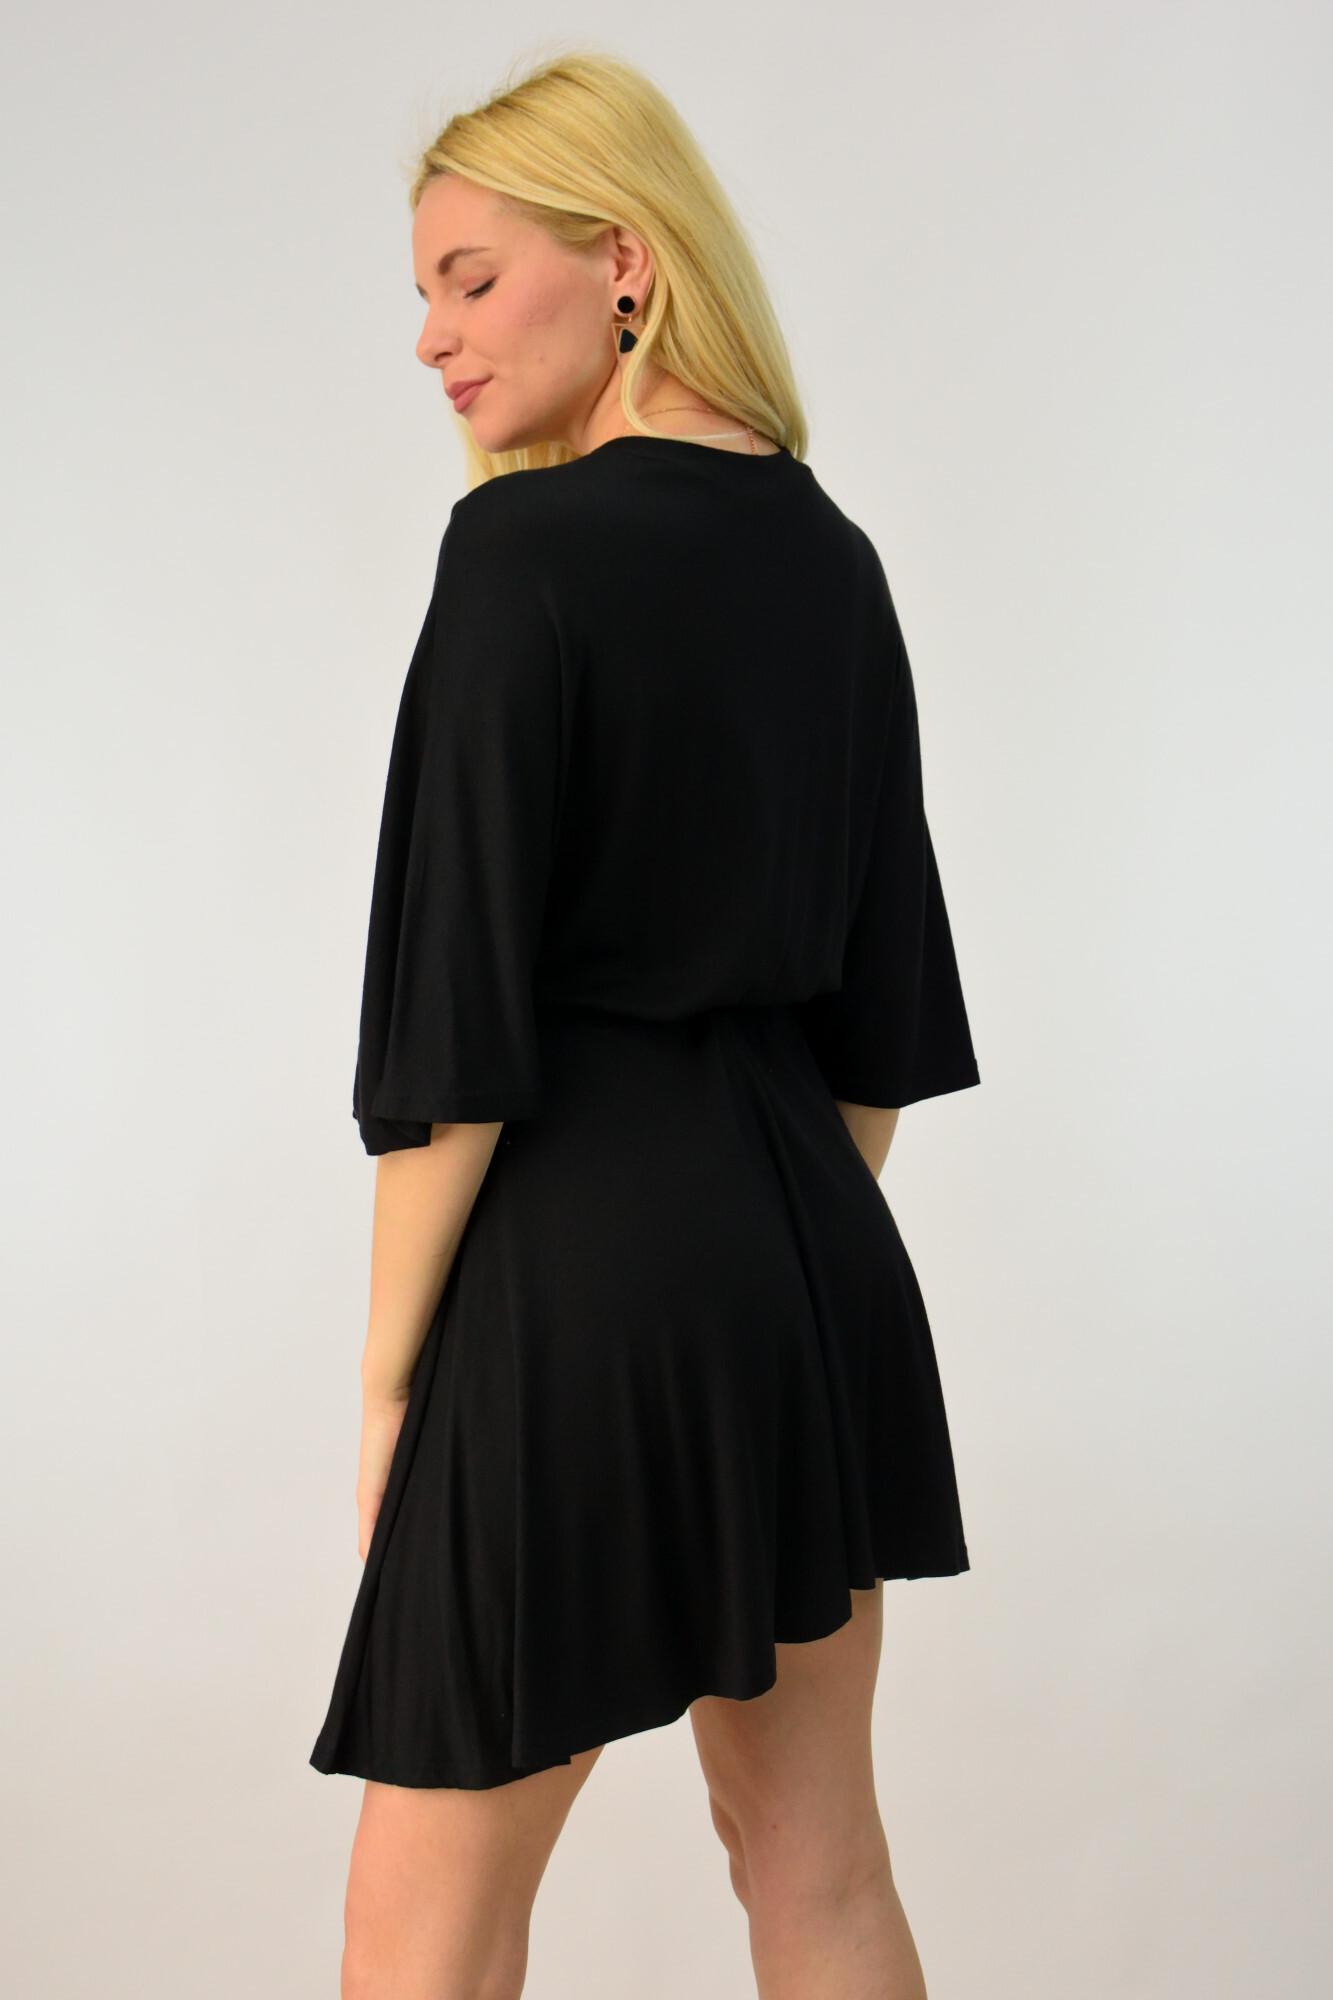 8a0b67705a75 Κοντό κρουαζέ φόρεμα